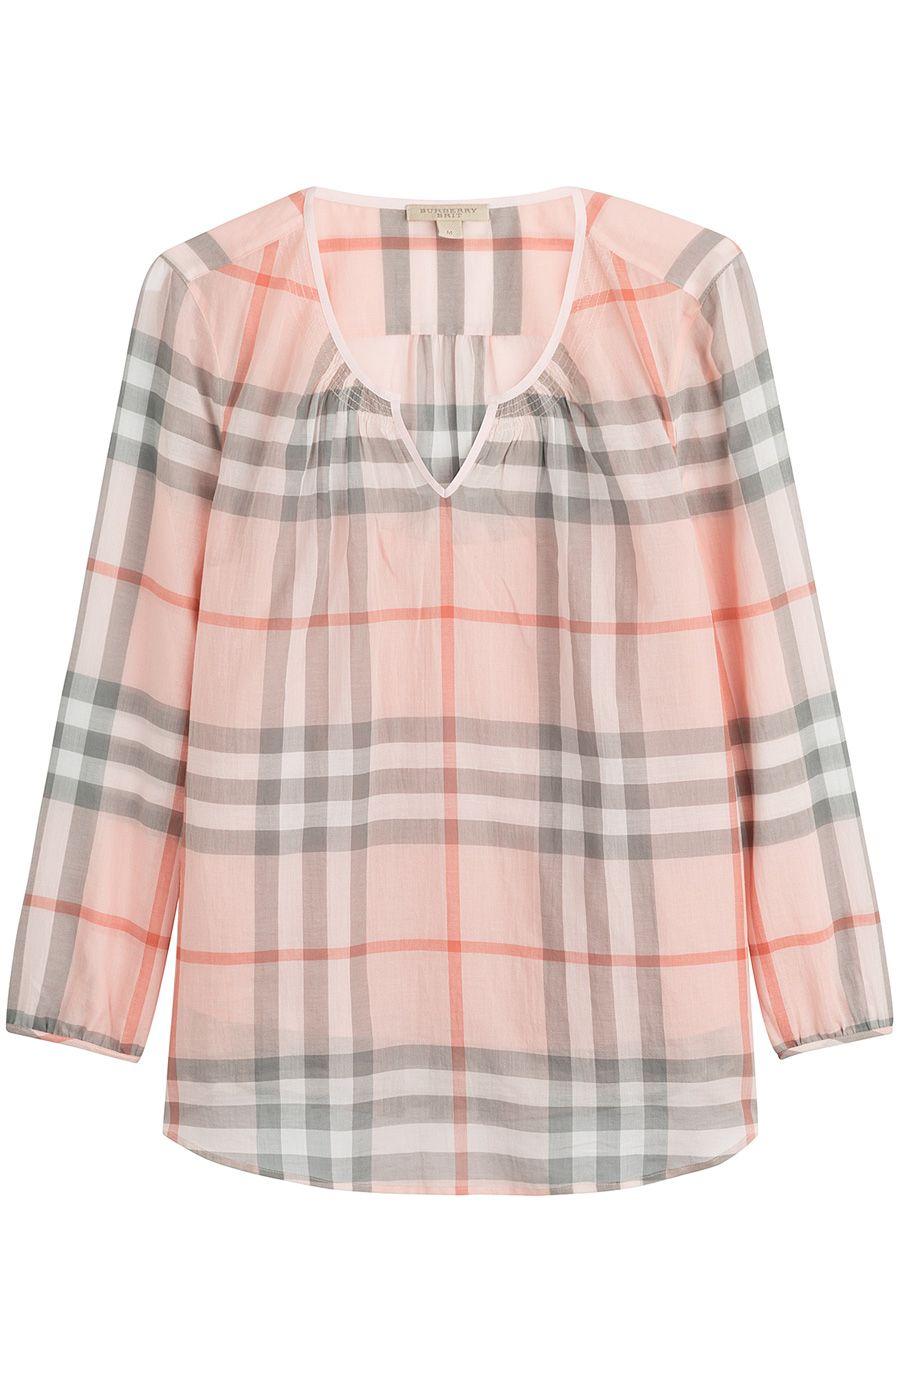 Bluse mit Karo-Muster detail 0 | Nähen | Pinterest | Nähen